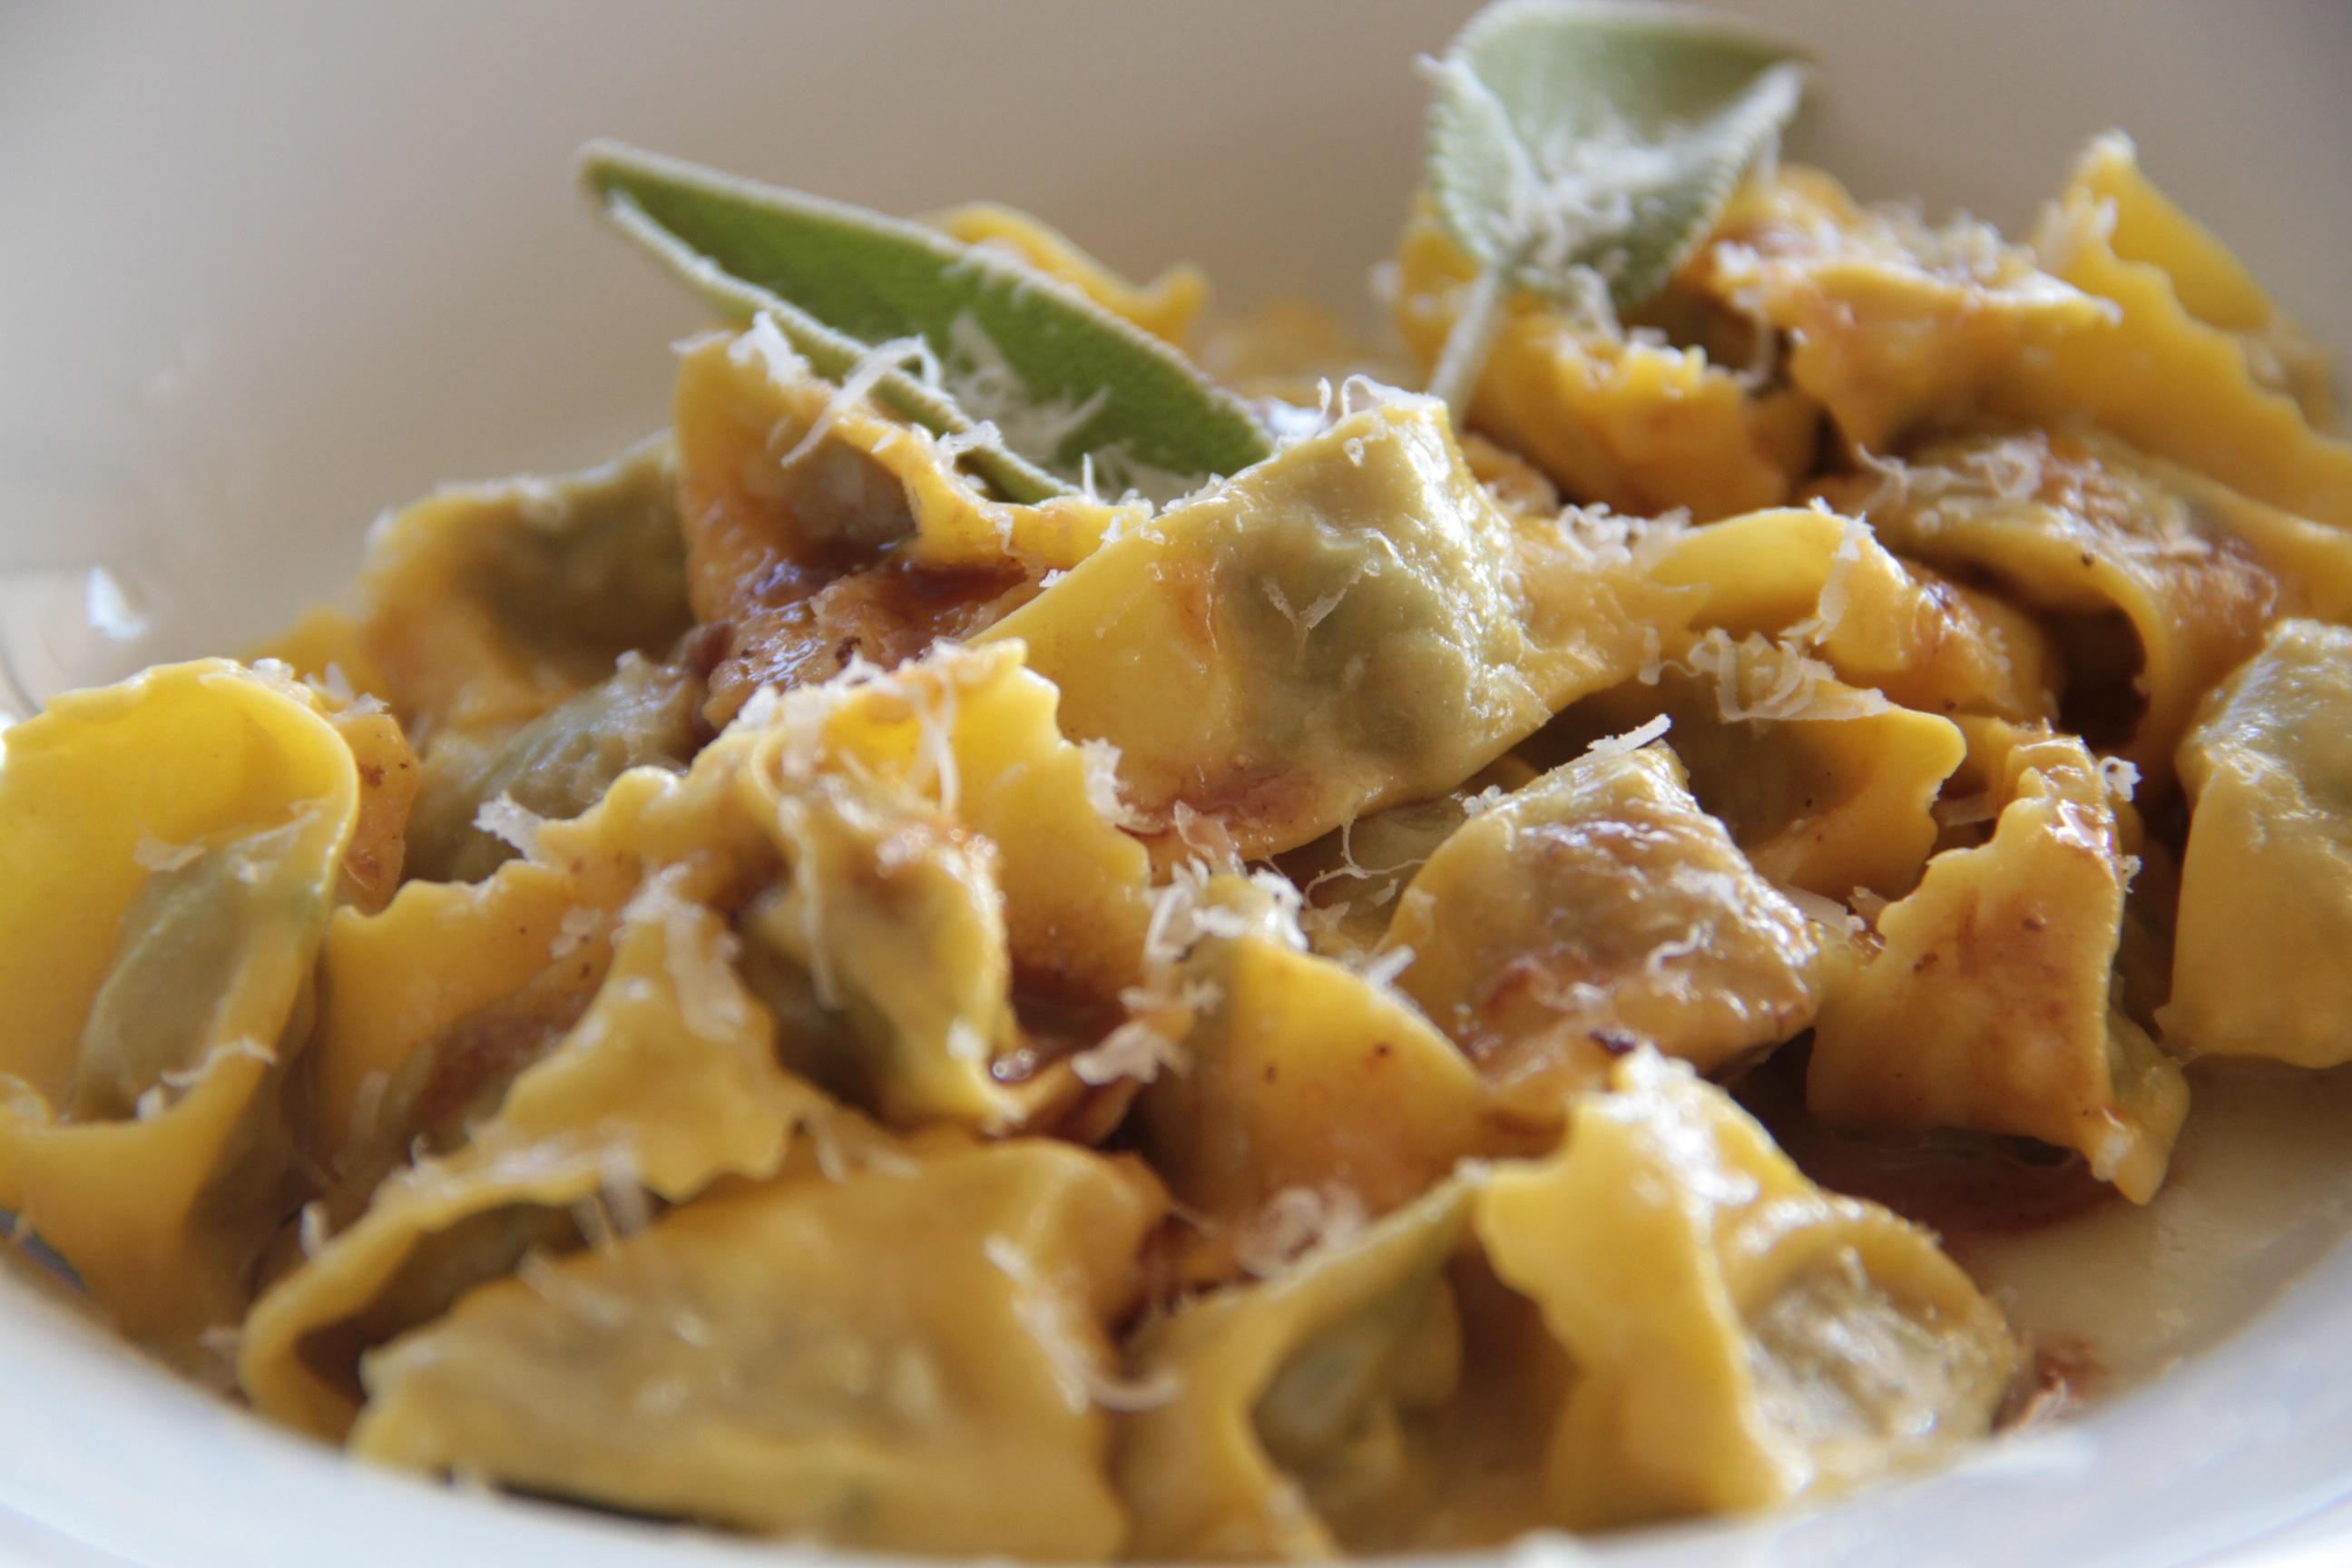 Cucina piemontese limone piemonte holidays - Cucina piemontese torino ...